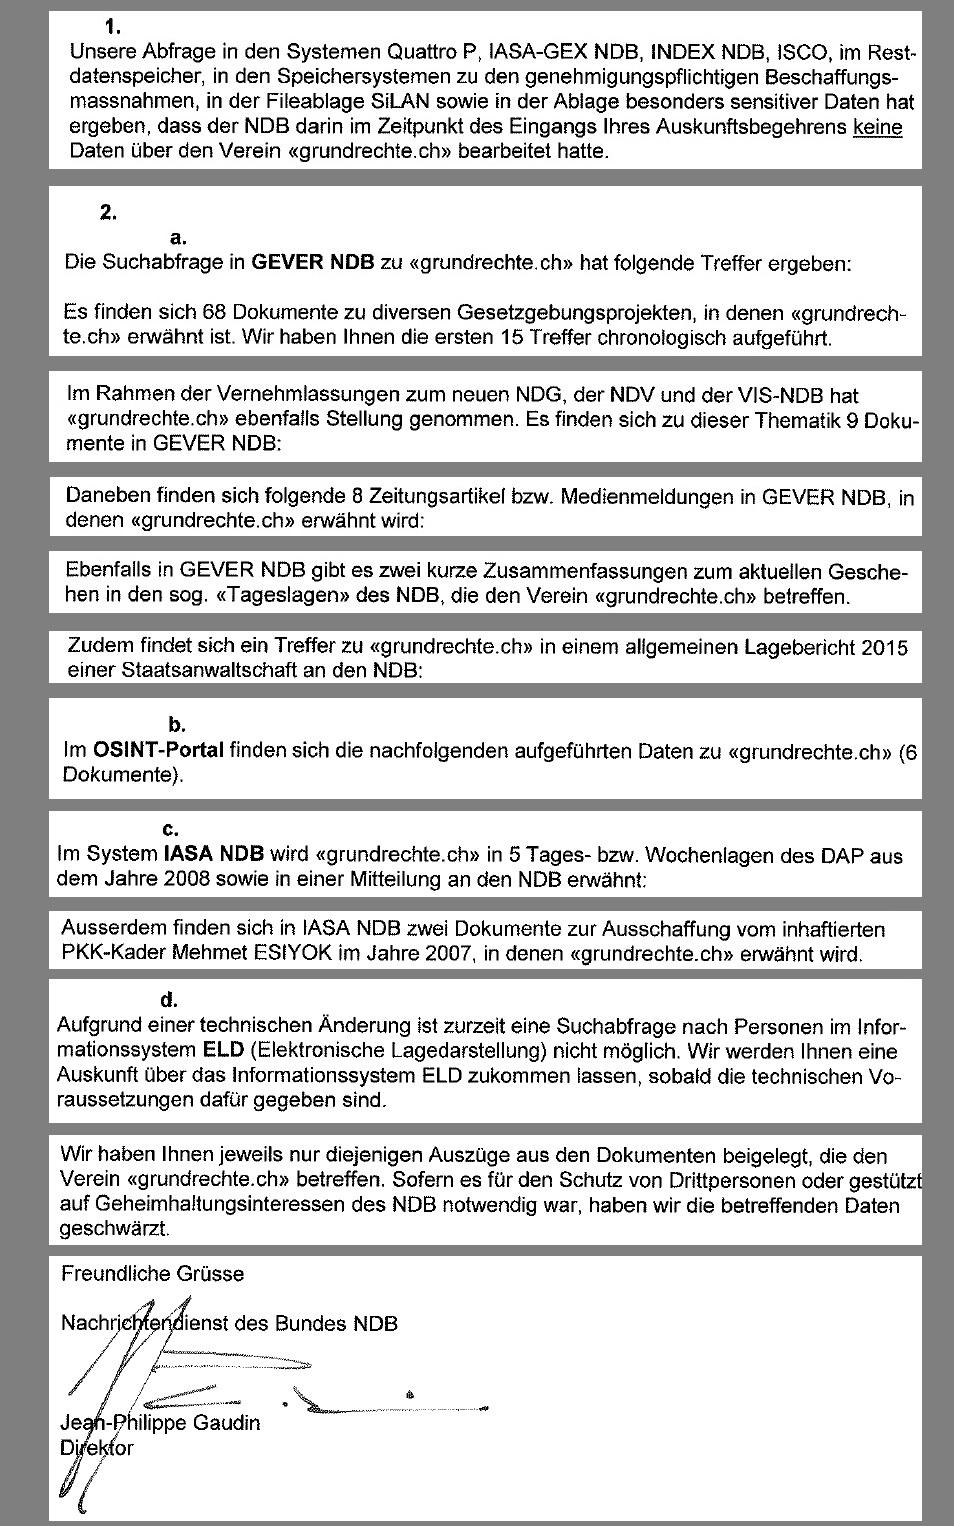 https://grundrechte.ch/2020/Fiche_GR.jpg